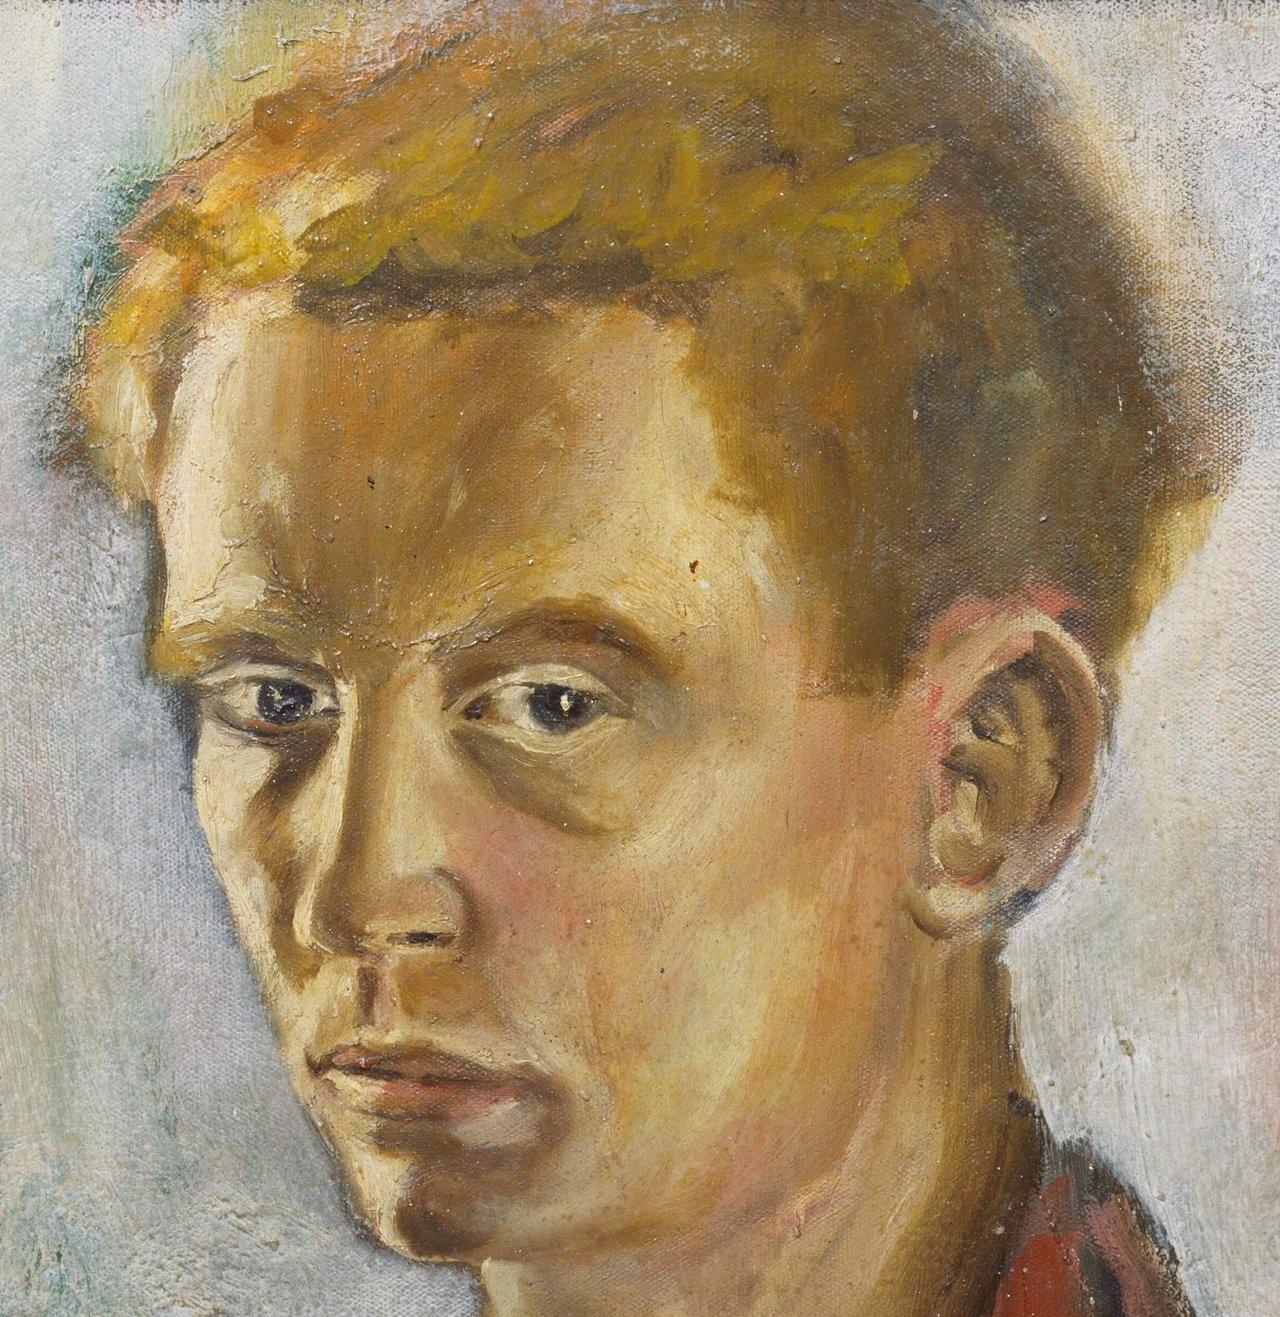 Brett Whiteley, Self Portrait at 16